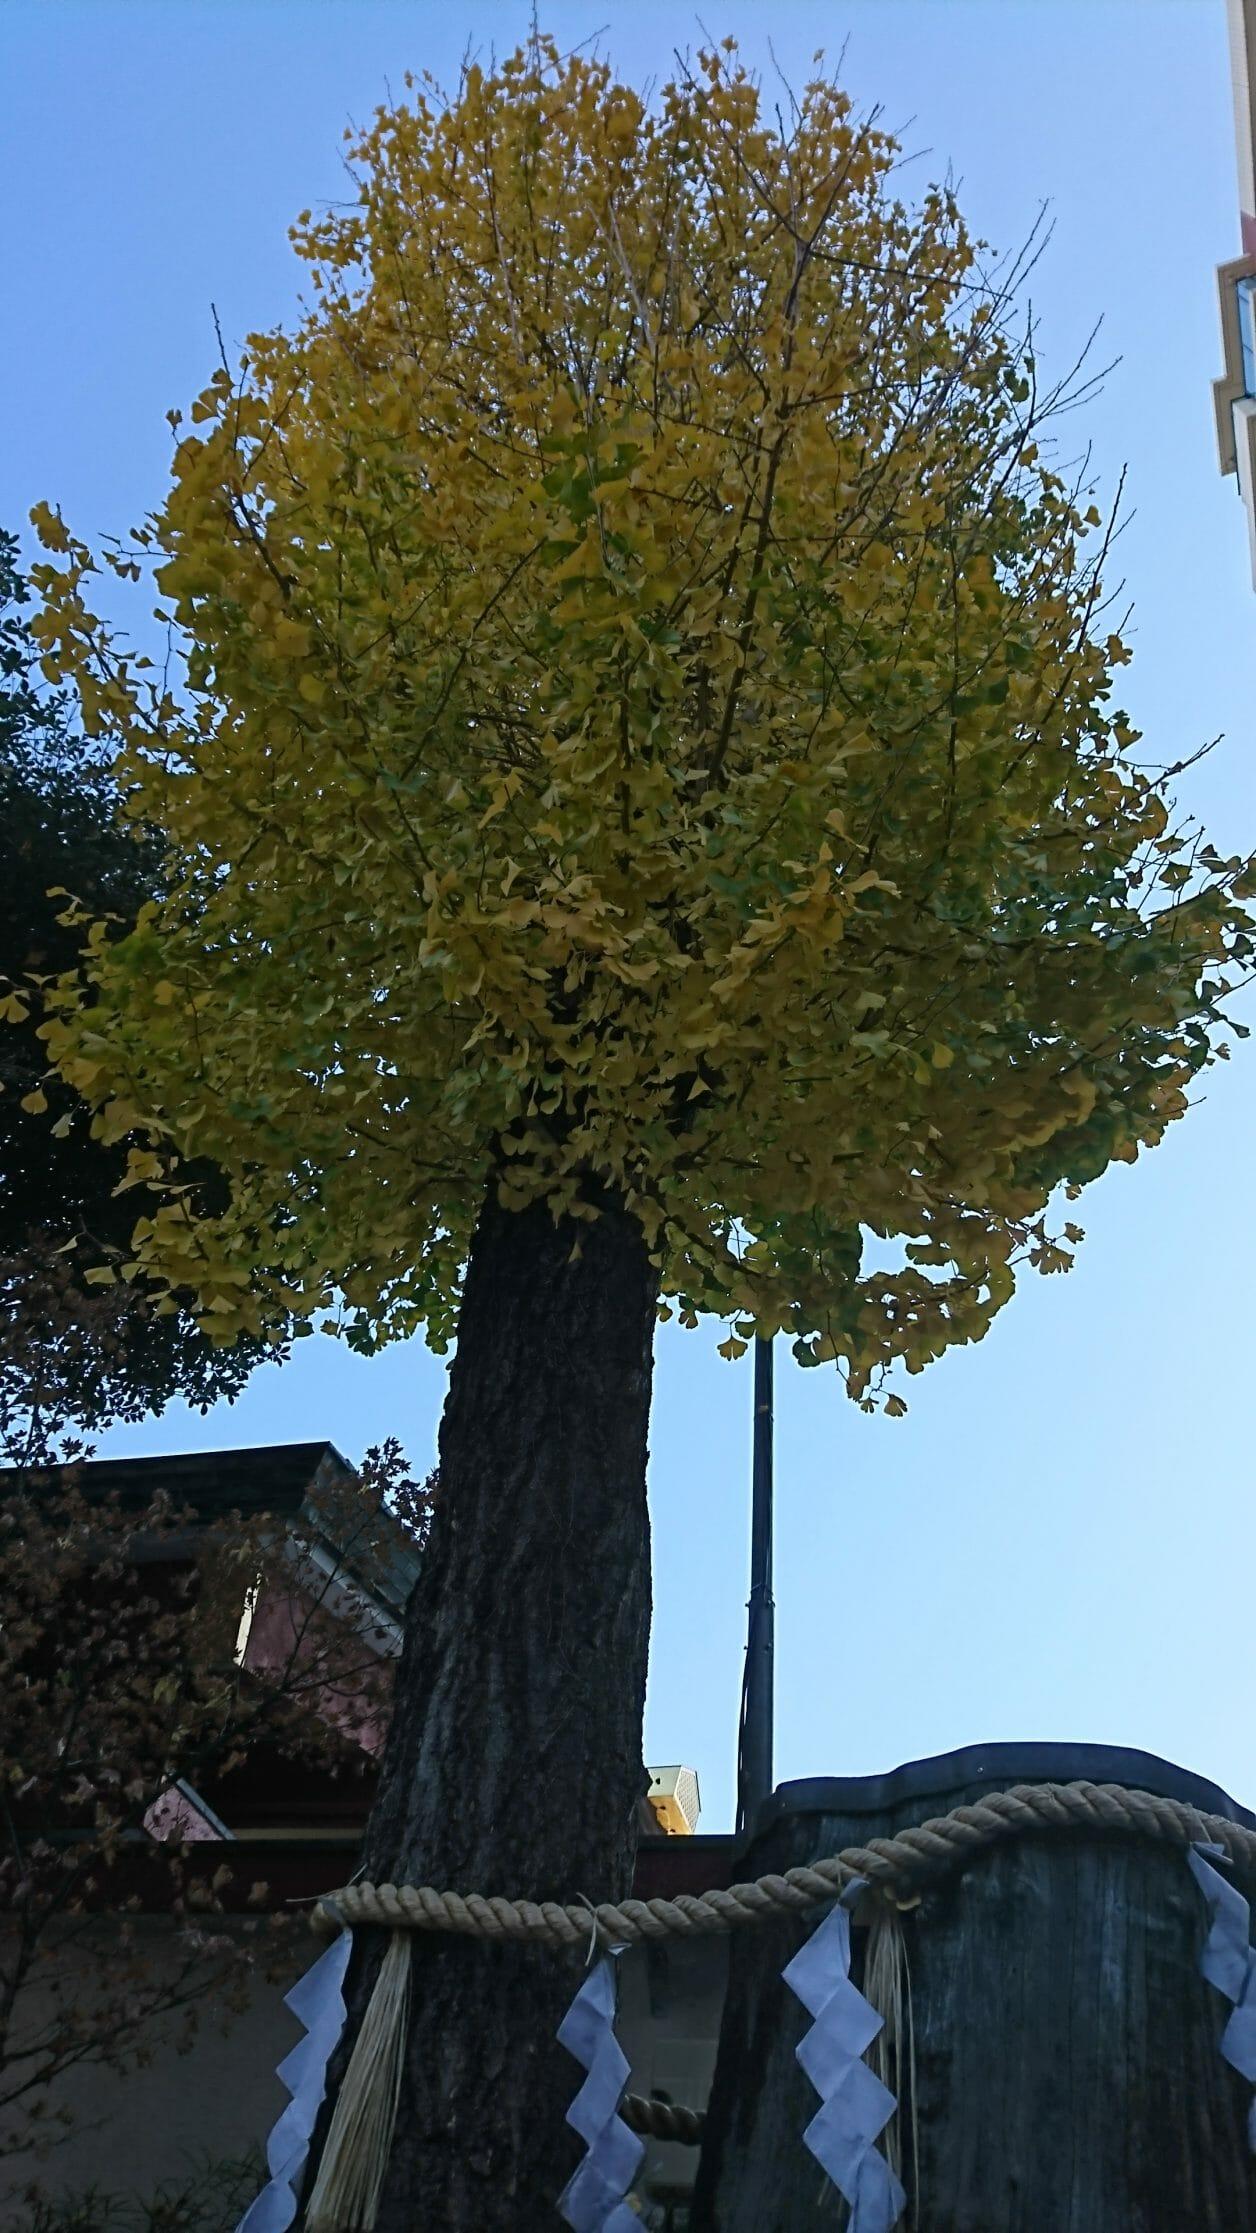 神田明神で男坂のすぐ近くにあるご神木の公孫樹